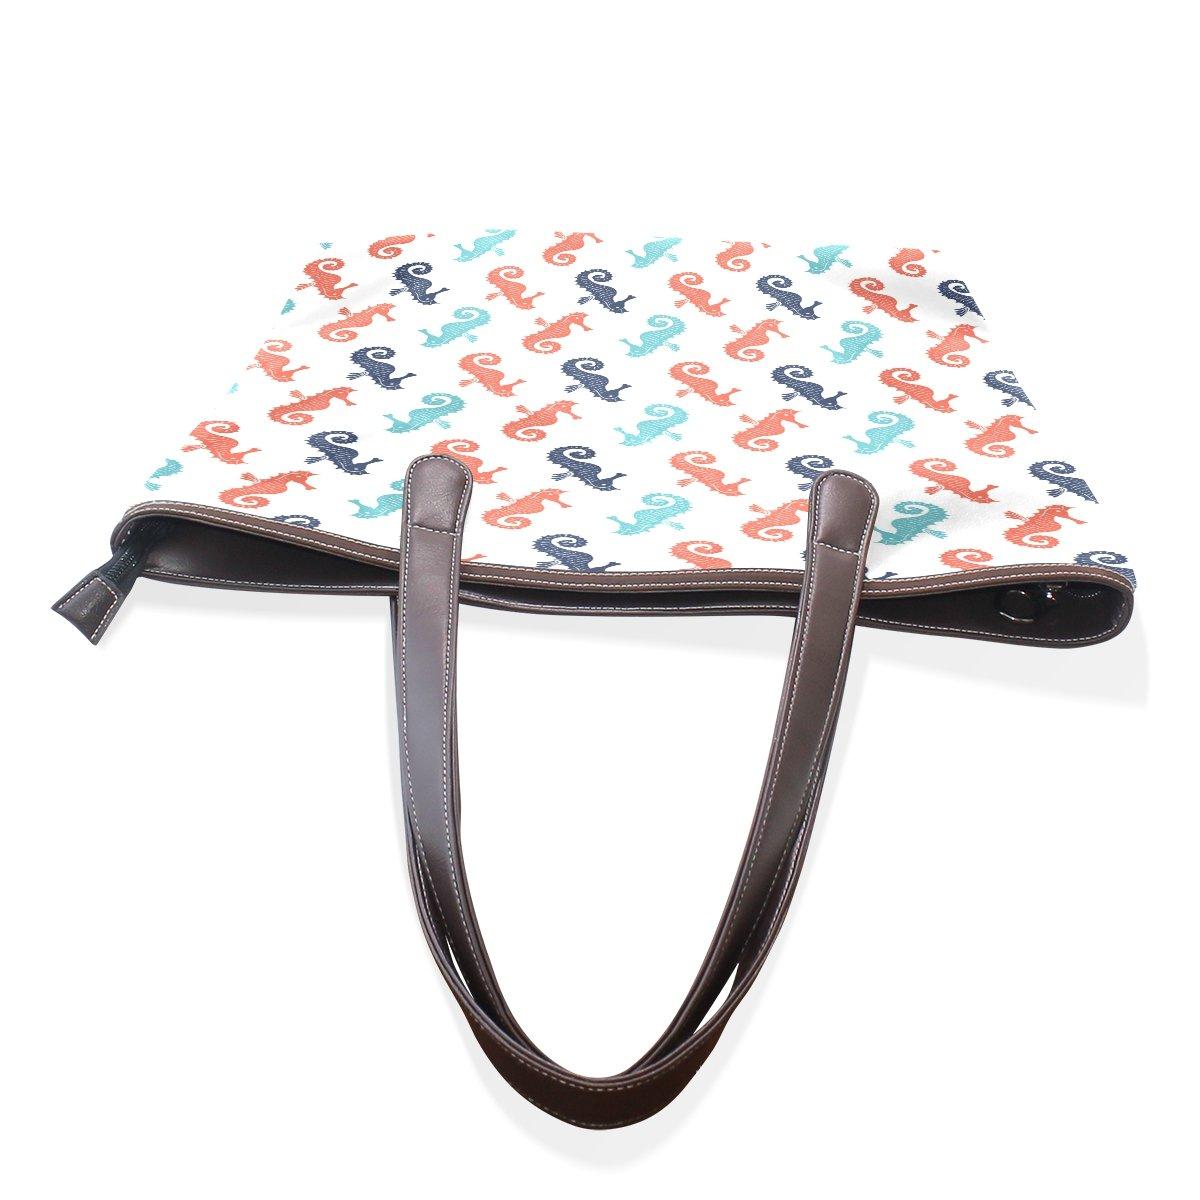 Mr.Weng Household Proud Of The Hippocampus Lady Handbag Tote Bag Zipper Shoulder Bag